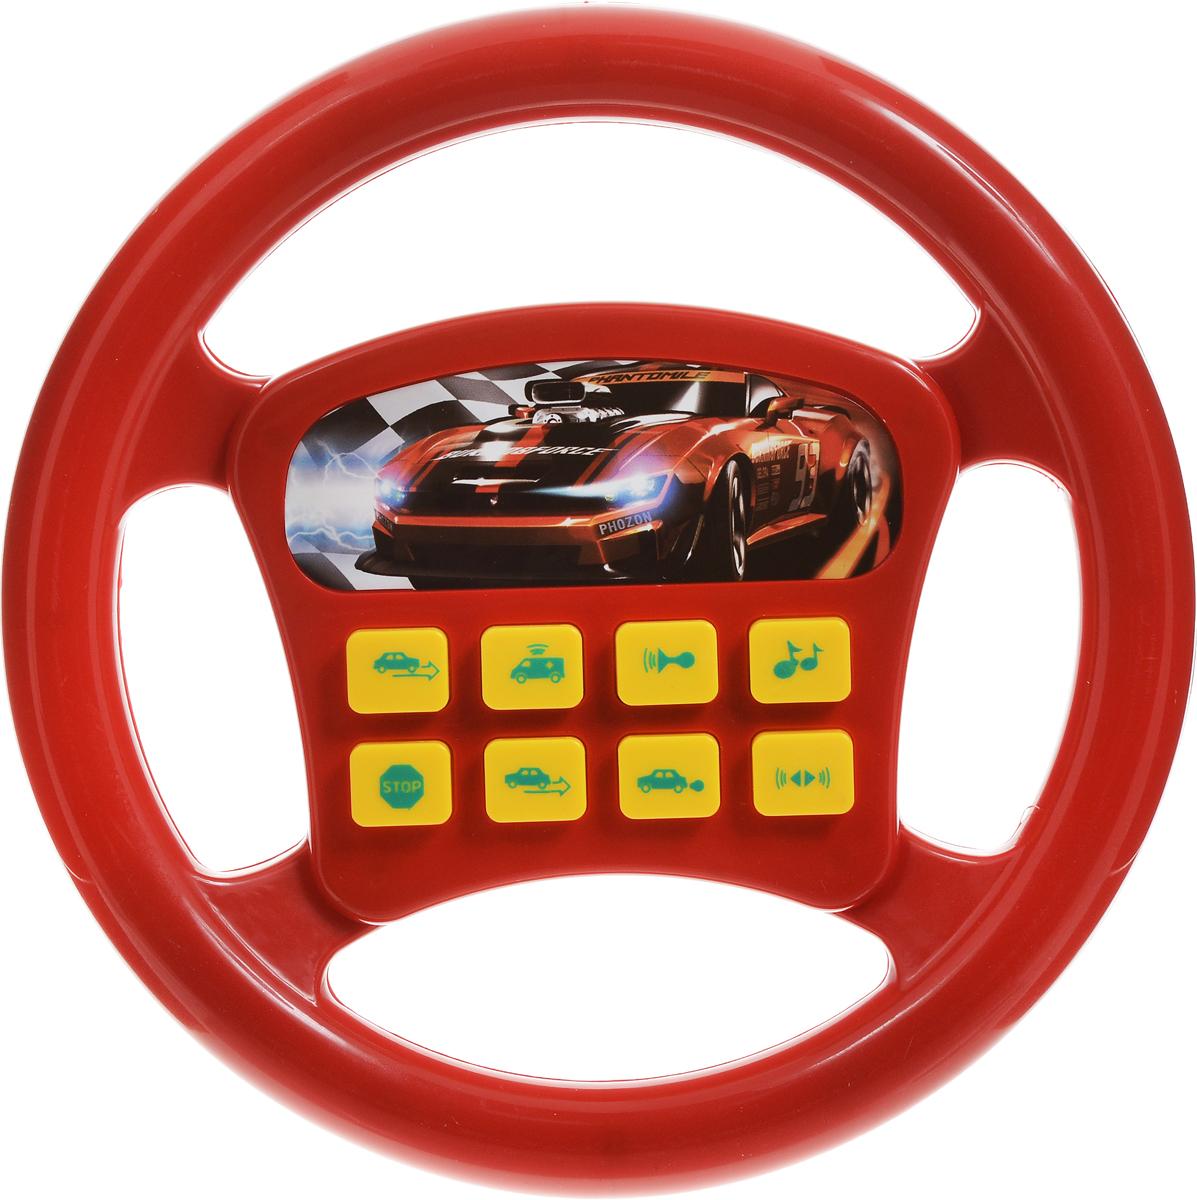 Играем вместе Игрушечный руль Машина цвет красныйA695-H05002-R2_красныйИгрушечный руль Играем вместе Машина не оставит равнодушным вашего юного автолюбителя. Теперь ваш ребенок сможет фантазировать и представлять себя водителем в любом месте: и дома, сидя на стуле, и на заднем сиденье автомобиля во время поездки. Руль обладает множеством звуковых эффектов. Нажимая на одну из 8 кнопок, ребенок услышит звуки сирены, рычание мотора и множество других. Играя с рулем, малыш разовьет воображение и фантазию, ведь так здорово представлять себя водителем, который едет в необыкновенное путешествие. Необходимо купить 2 батарейки напряжением 1,5V типа АА (не входят в комплект).